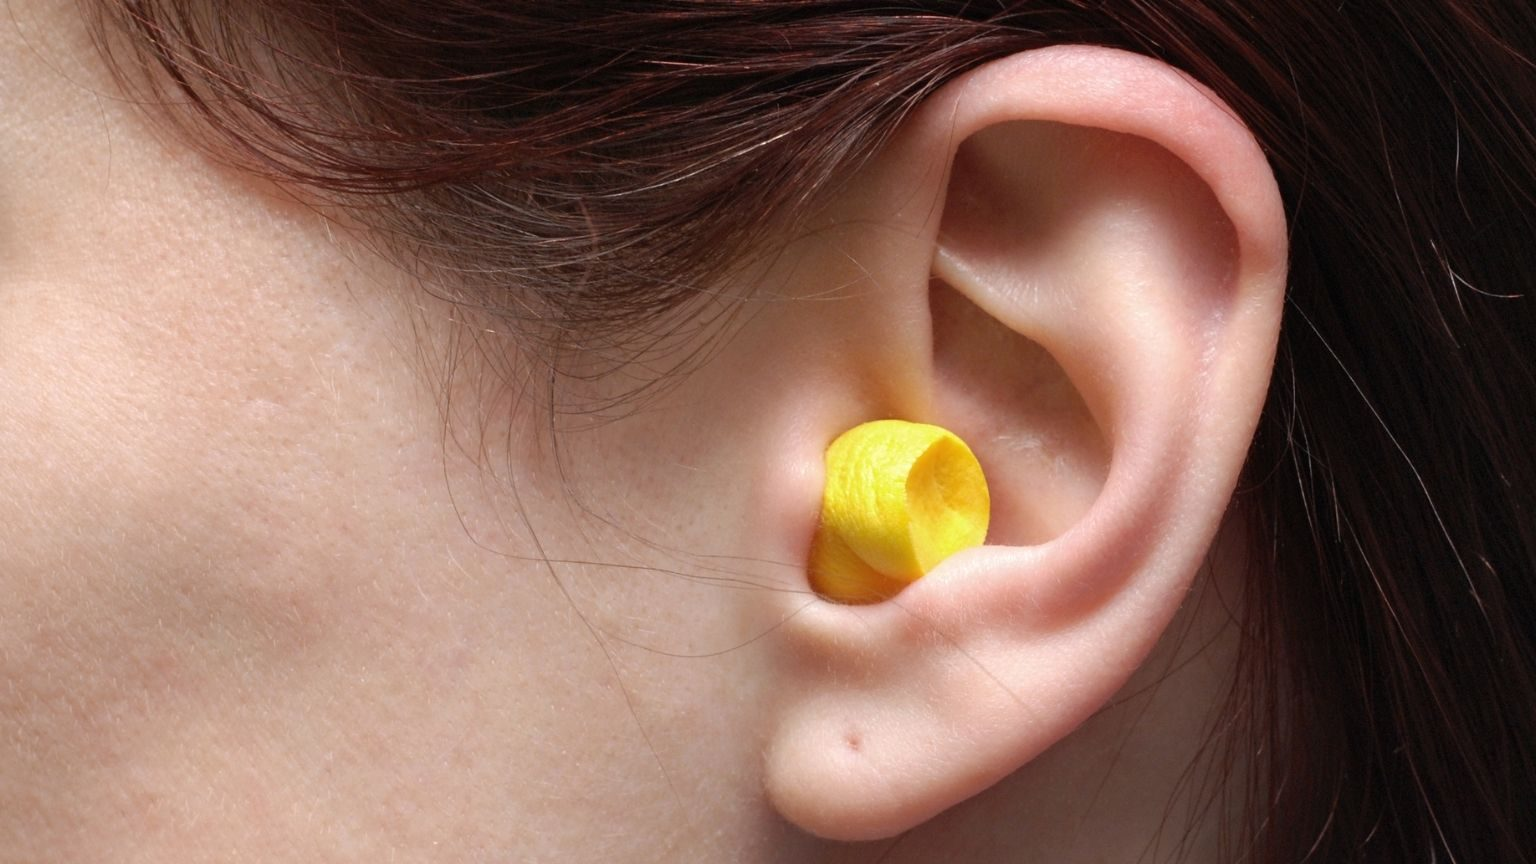 ear with a ear plug